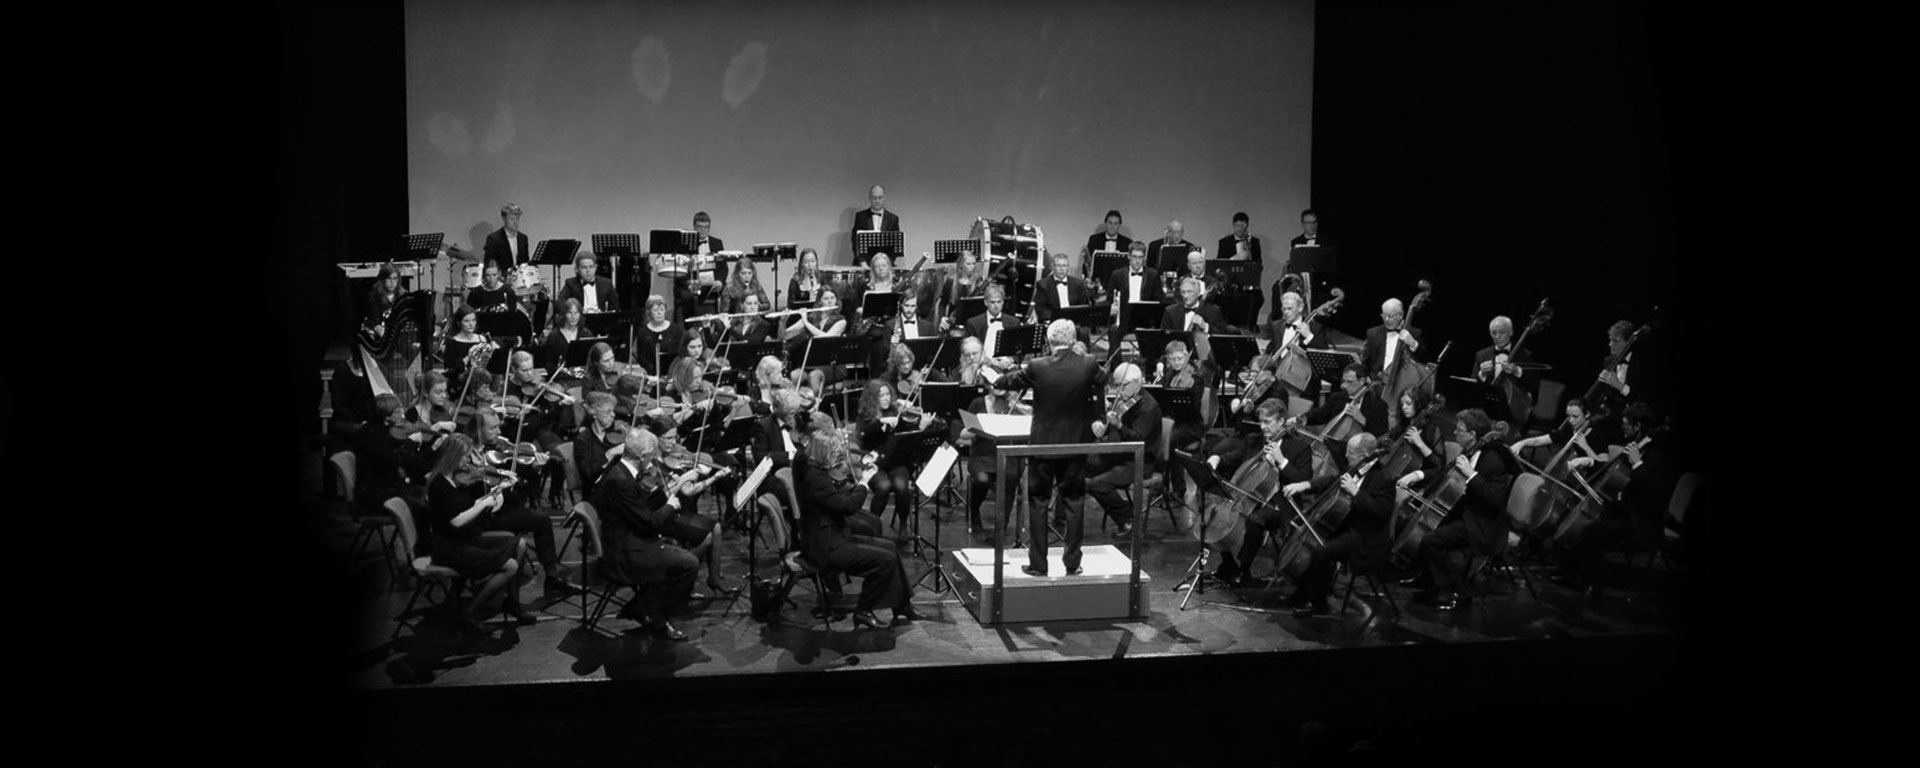 elisabeth-hopman-fluitist-header-9-orkest